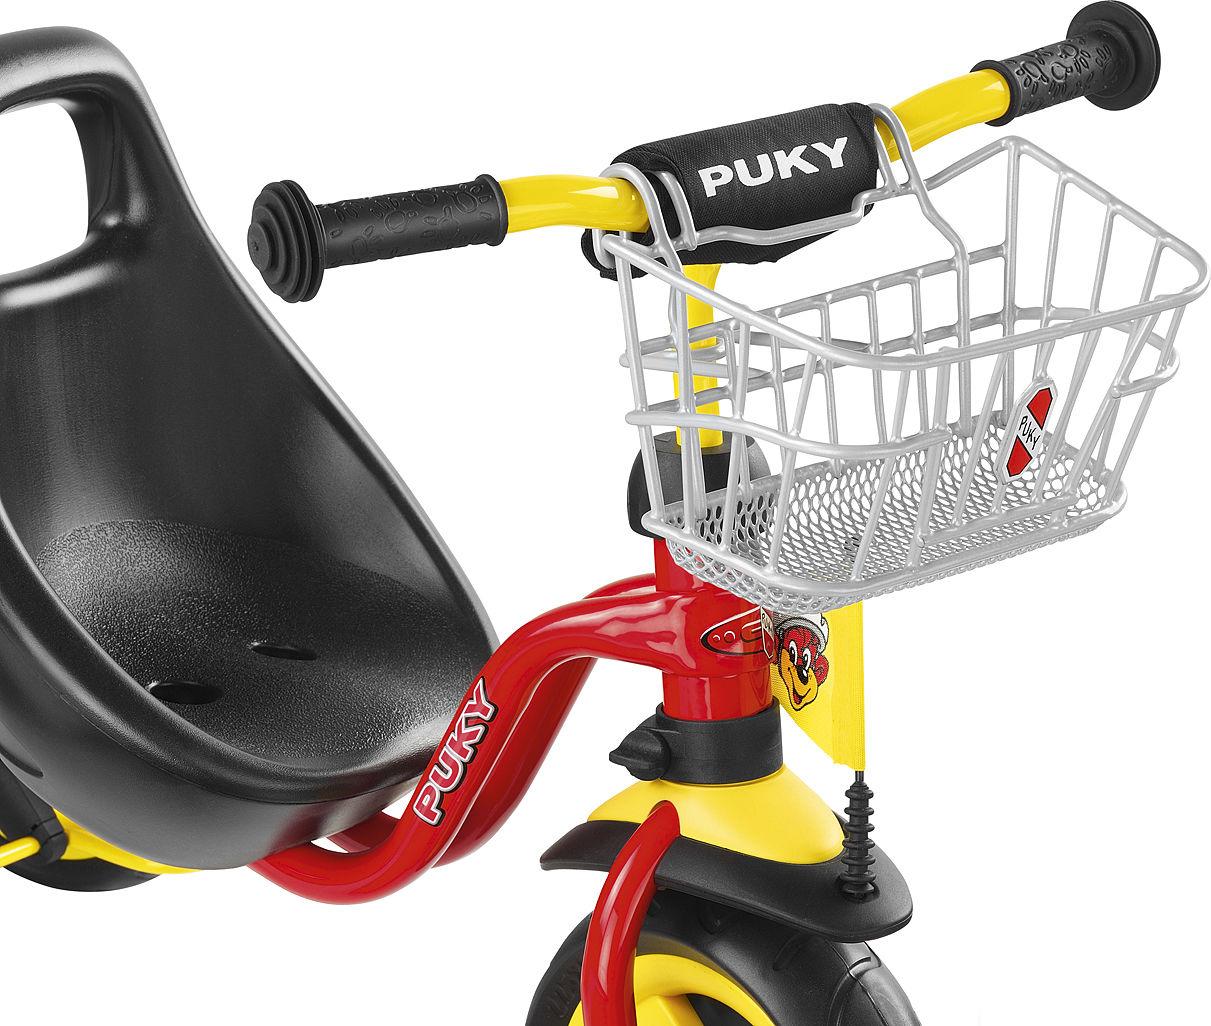 Koszyk Puky LKDR na kierownicę do rowerków trójkołowych i hulajnogi 9119